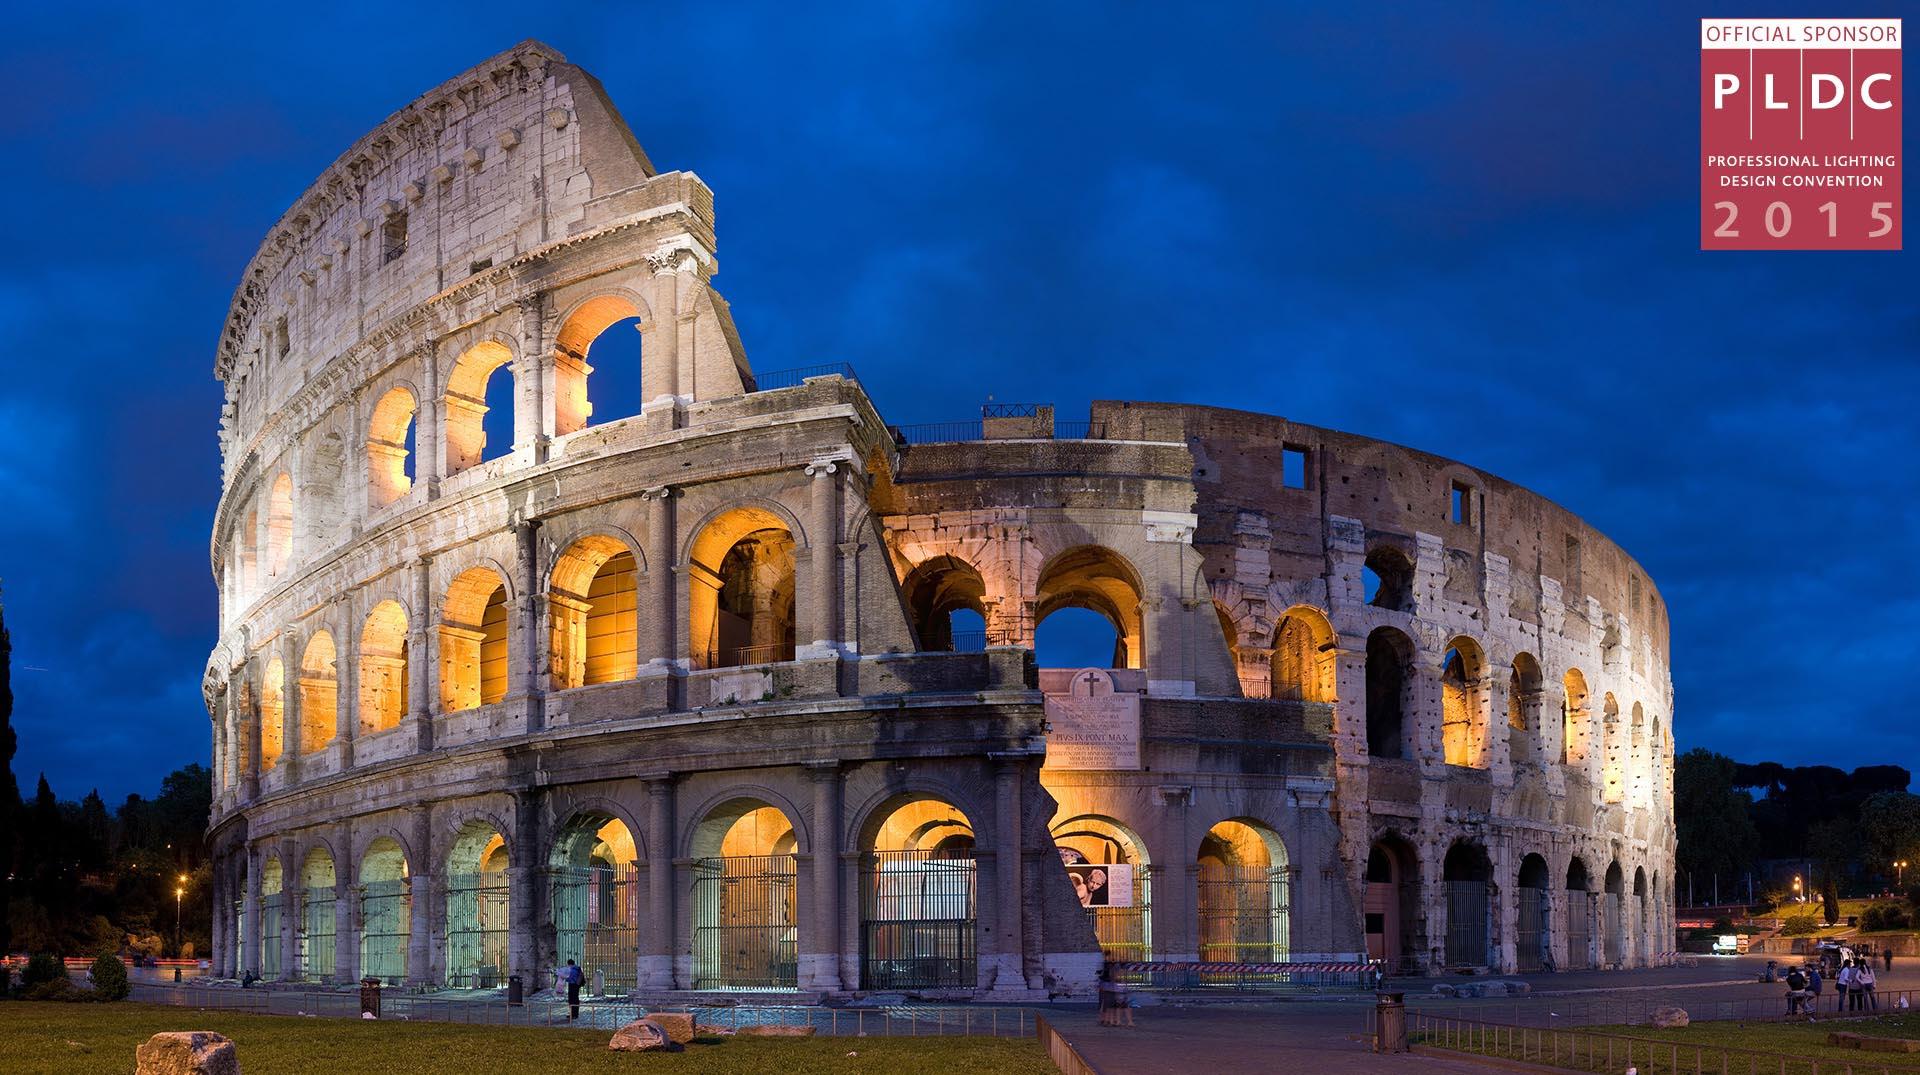 PLDC_logo_Rome.jpg